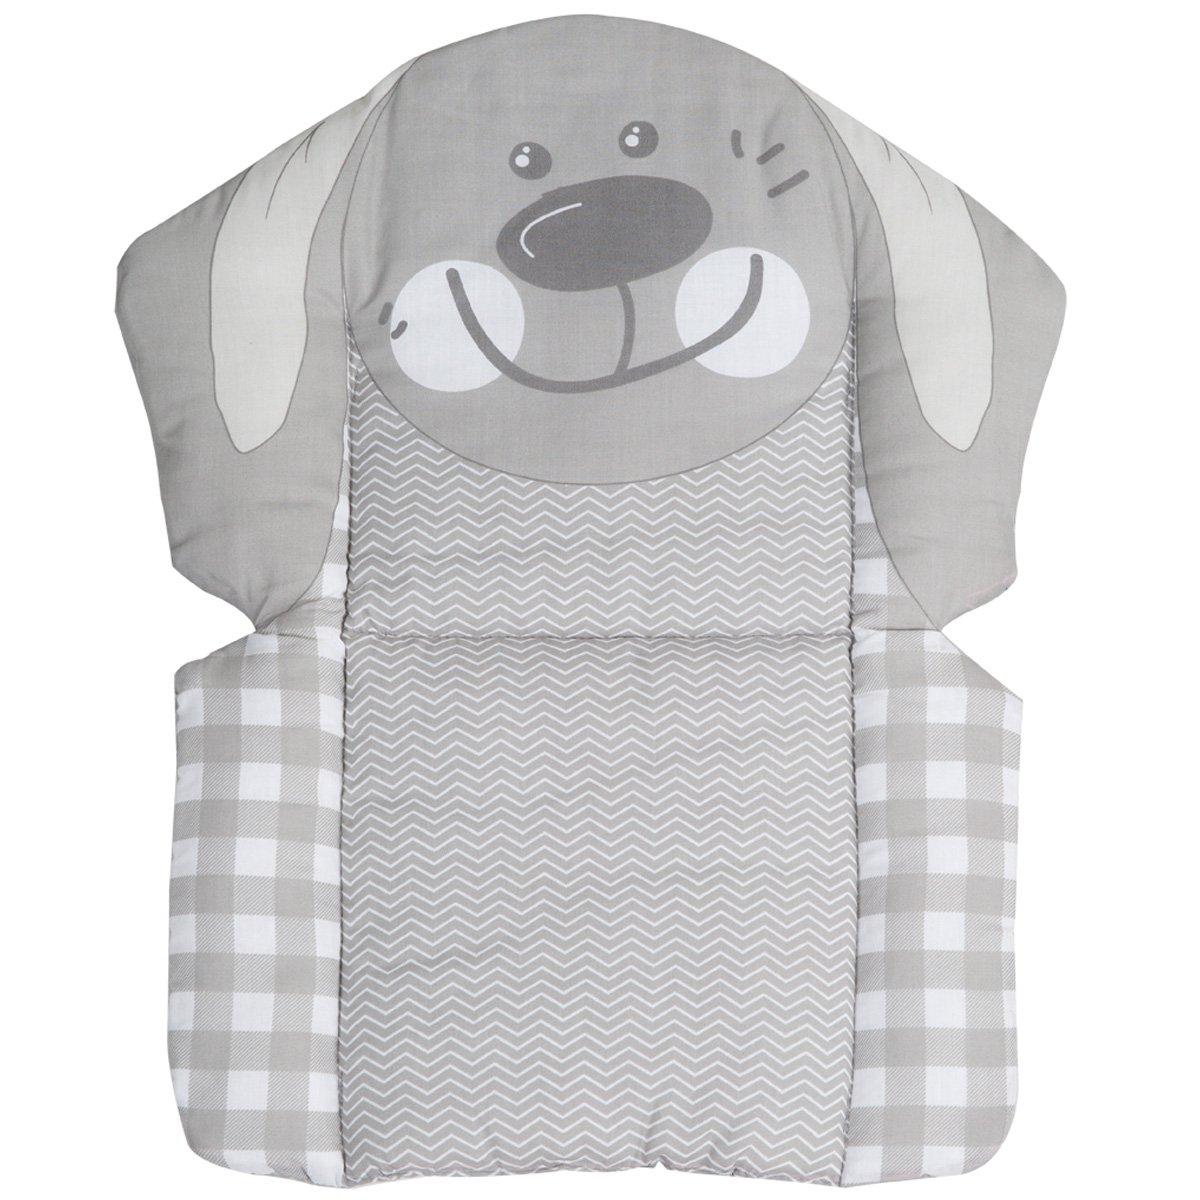 Sitzverkleinerer Hase weiche Polsterung wasserabweisend abwaschbar • Baby Hochstuhl Stuhl Sitz Kissen Auflage Kind H-Collection